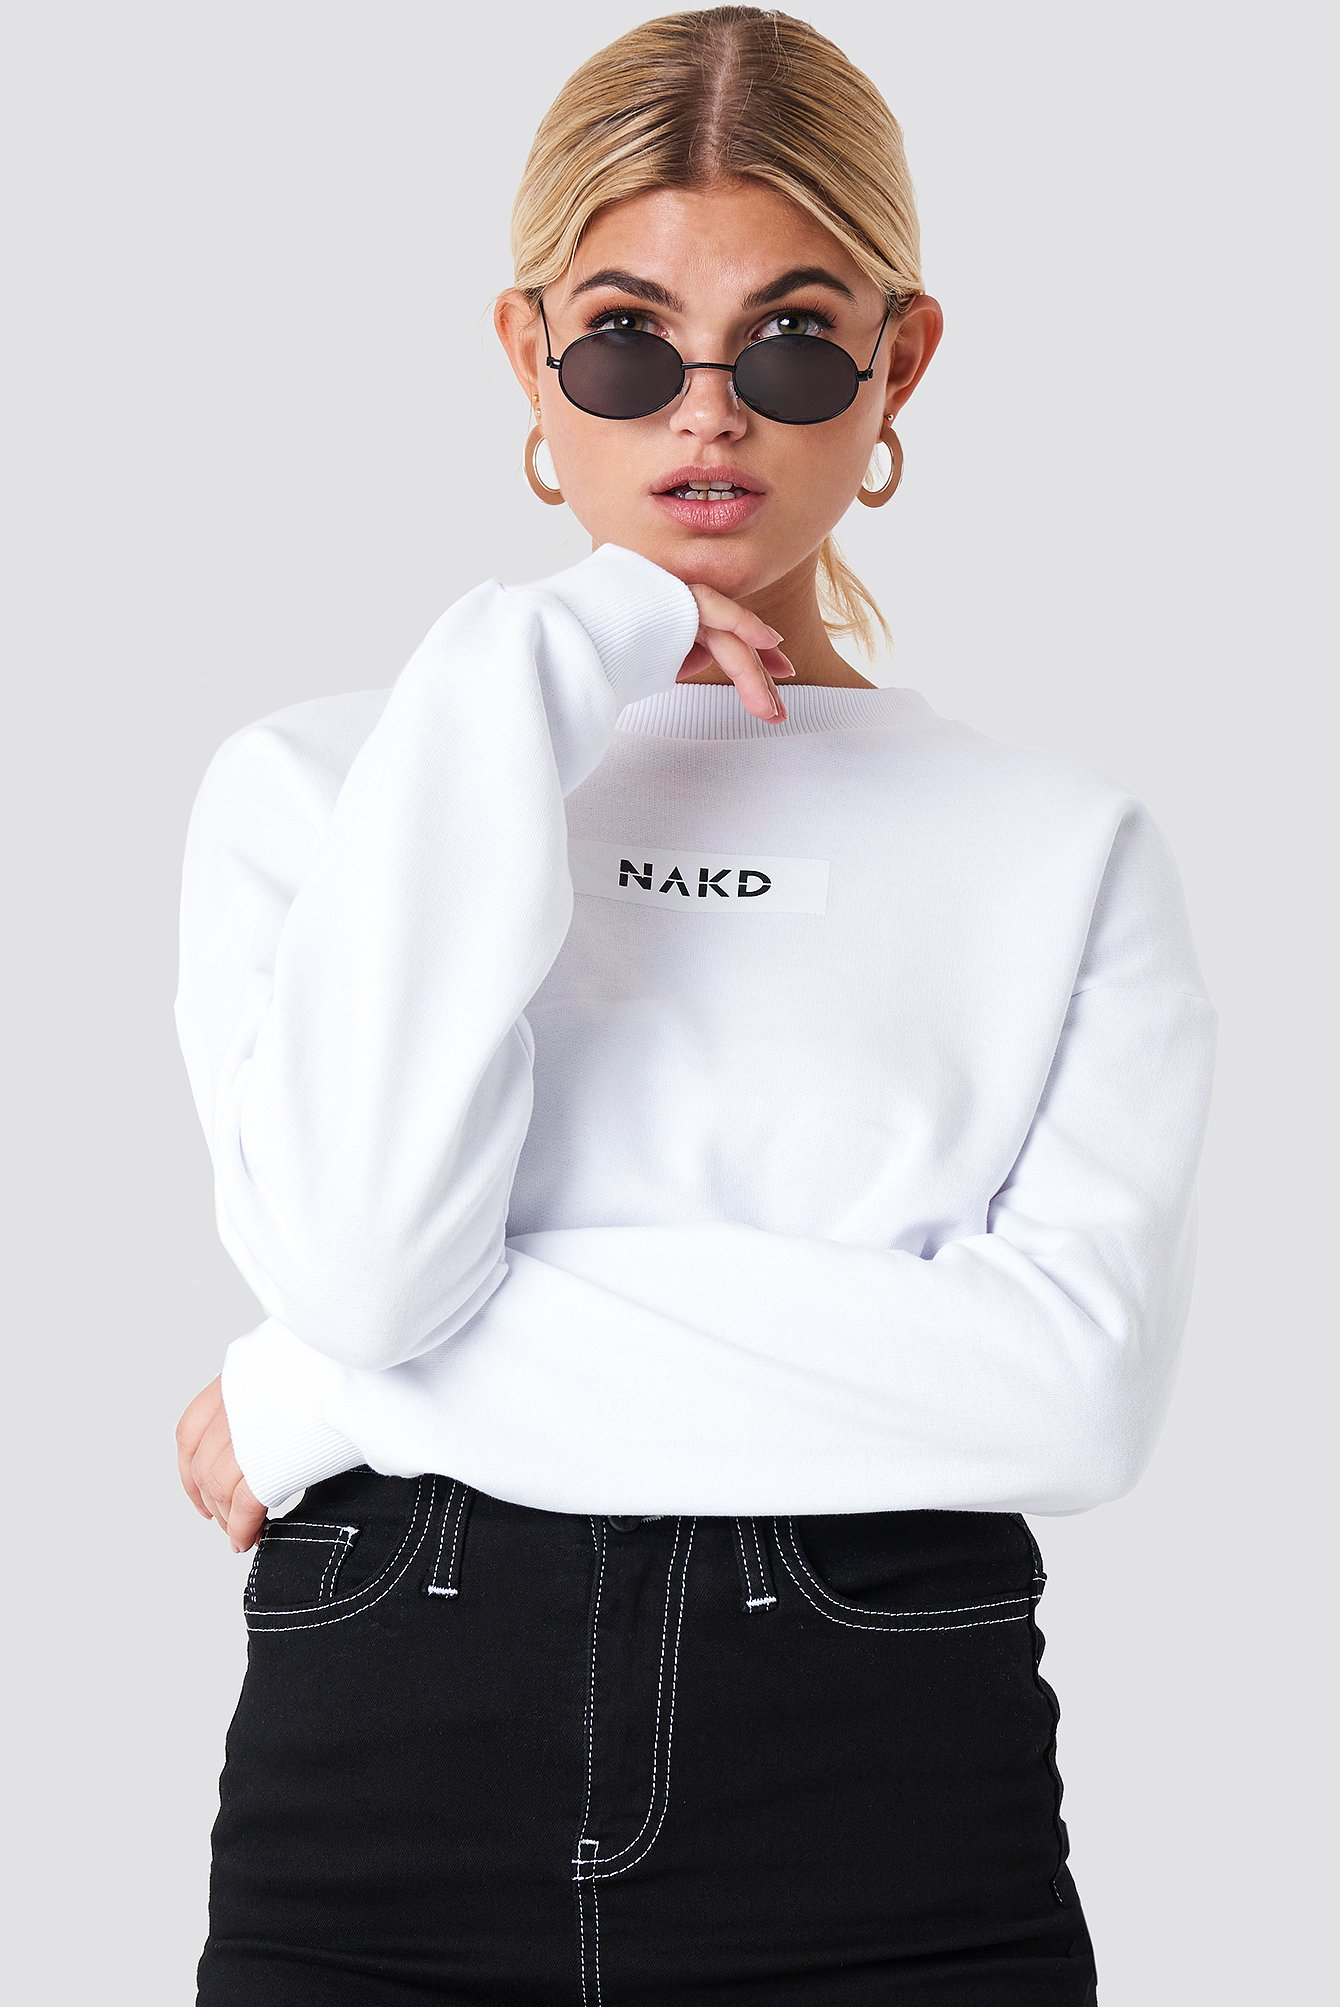 NA-KD Chest Print Oversized Sweater Livraison Gratuite Pas Cher Original En Ligne Réduction De 100% Garanti Faible Vente En Ligne Des Frais D'expédition 7VCye0o